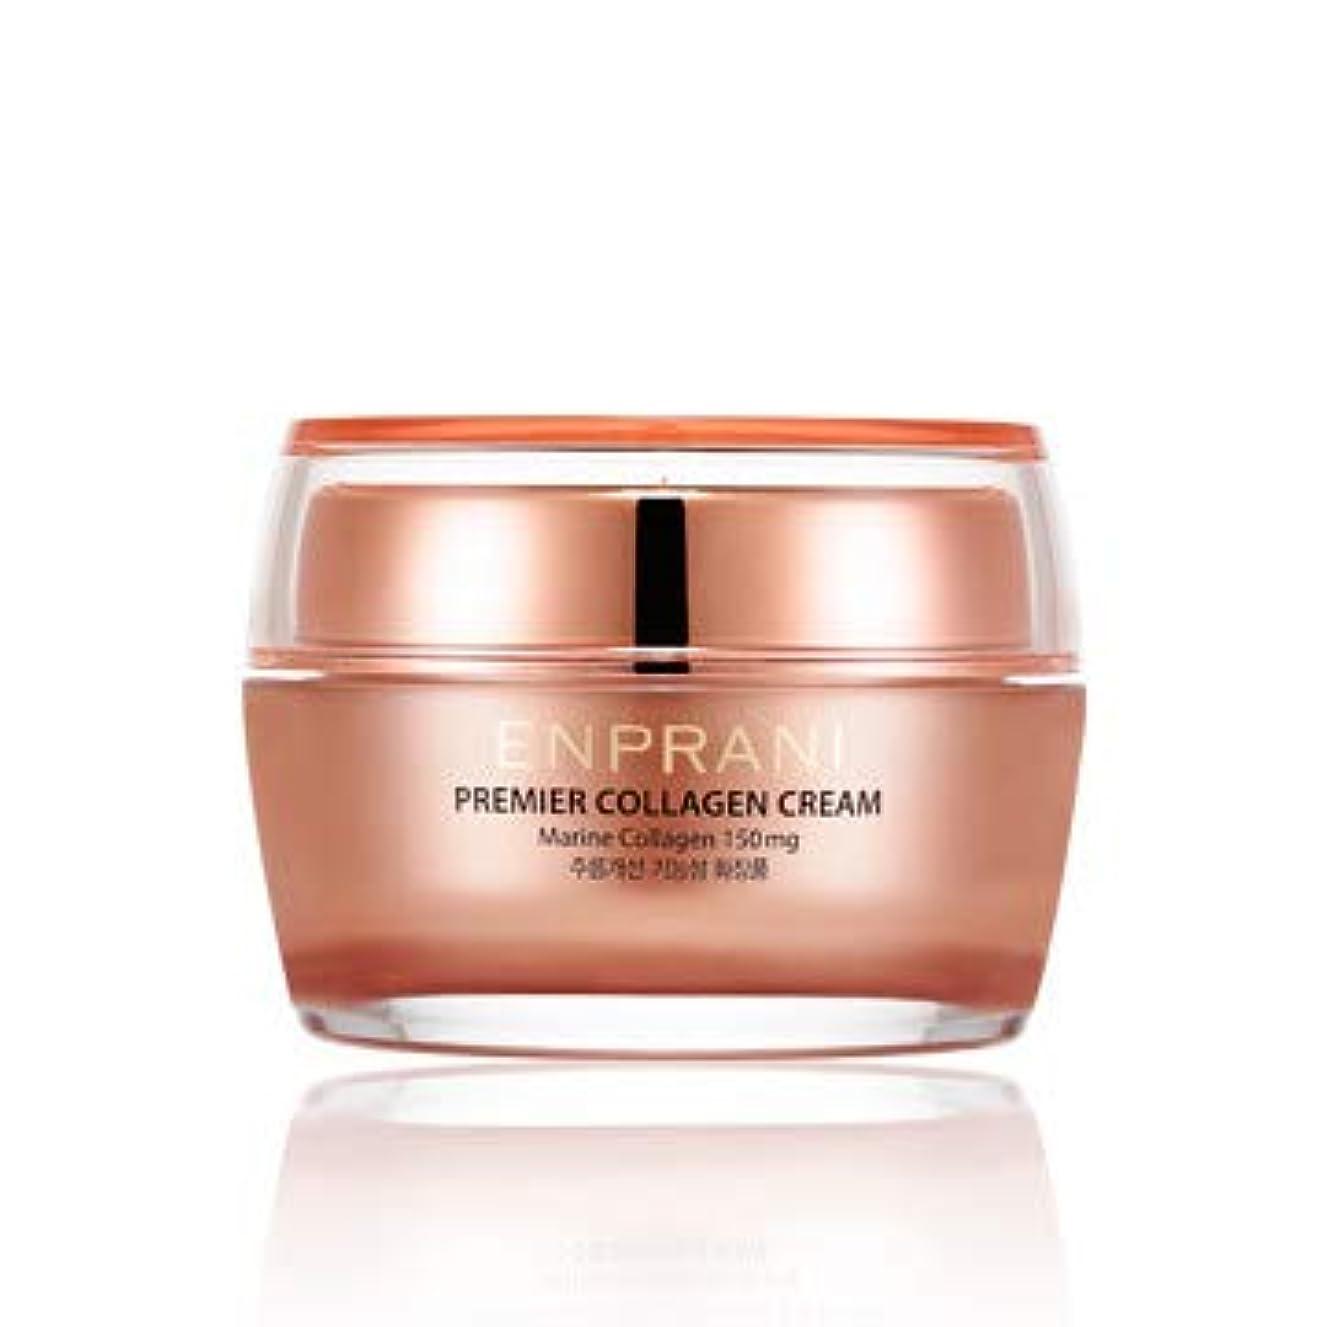 知らせるレイ用心エンプラニ プレミア コラーゲン クリーム 50ml / ENPRANI Premier Collagen Cream 50ml [並行輸入品]